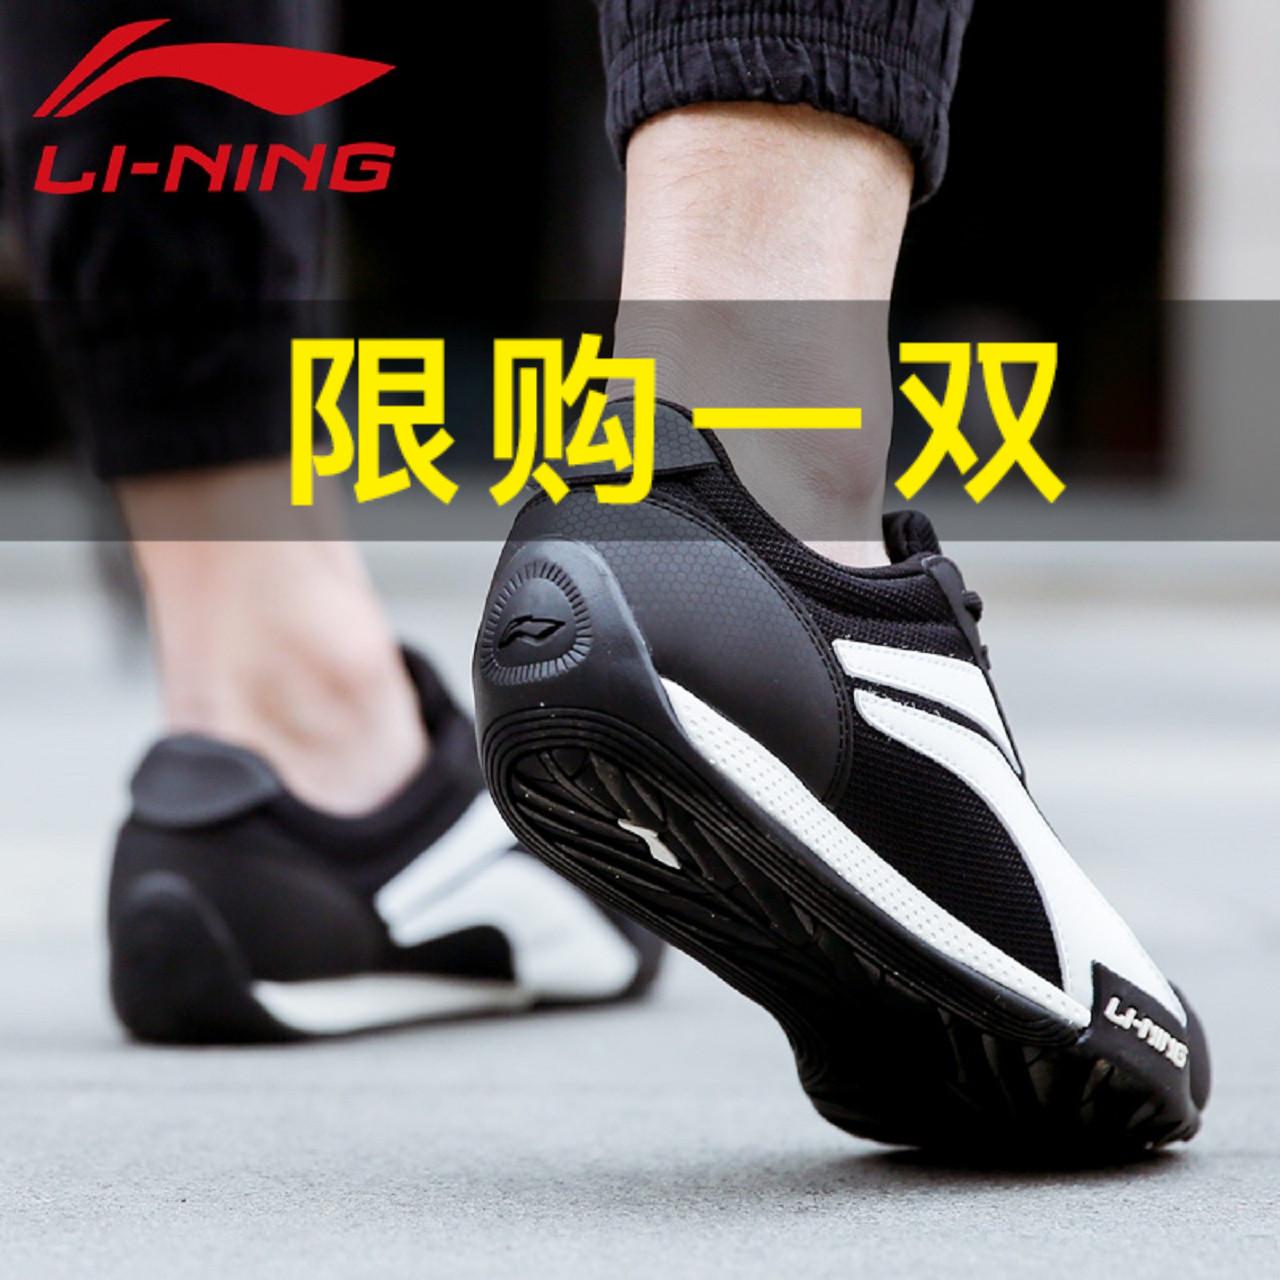 李宁男鞋运动鞋板鞋春季2019新款夏季黑色悟道休闲鞋跑步鞋阿甘鞋